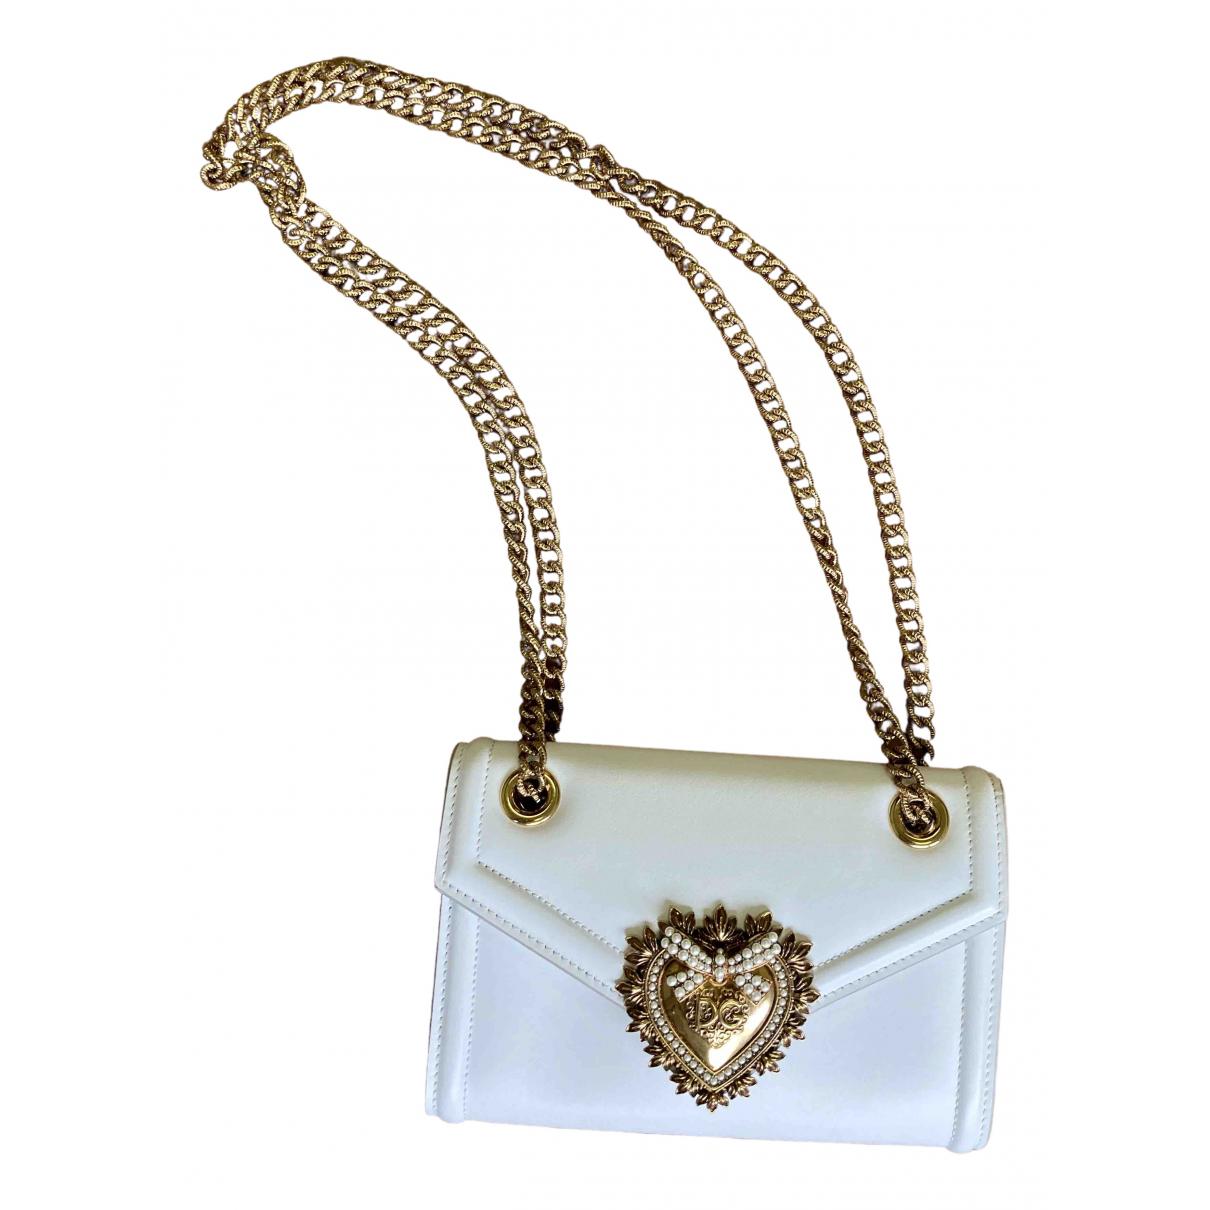 Dolce & Gabbana Devotion White Leather handbag for Women N